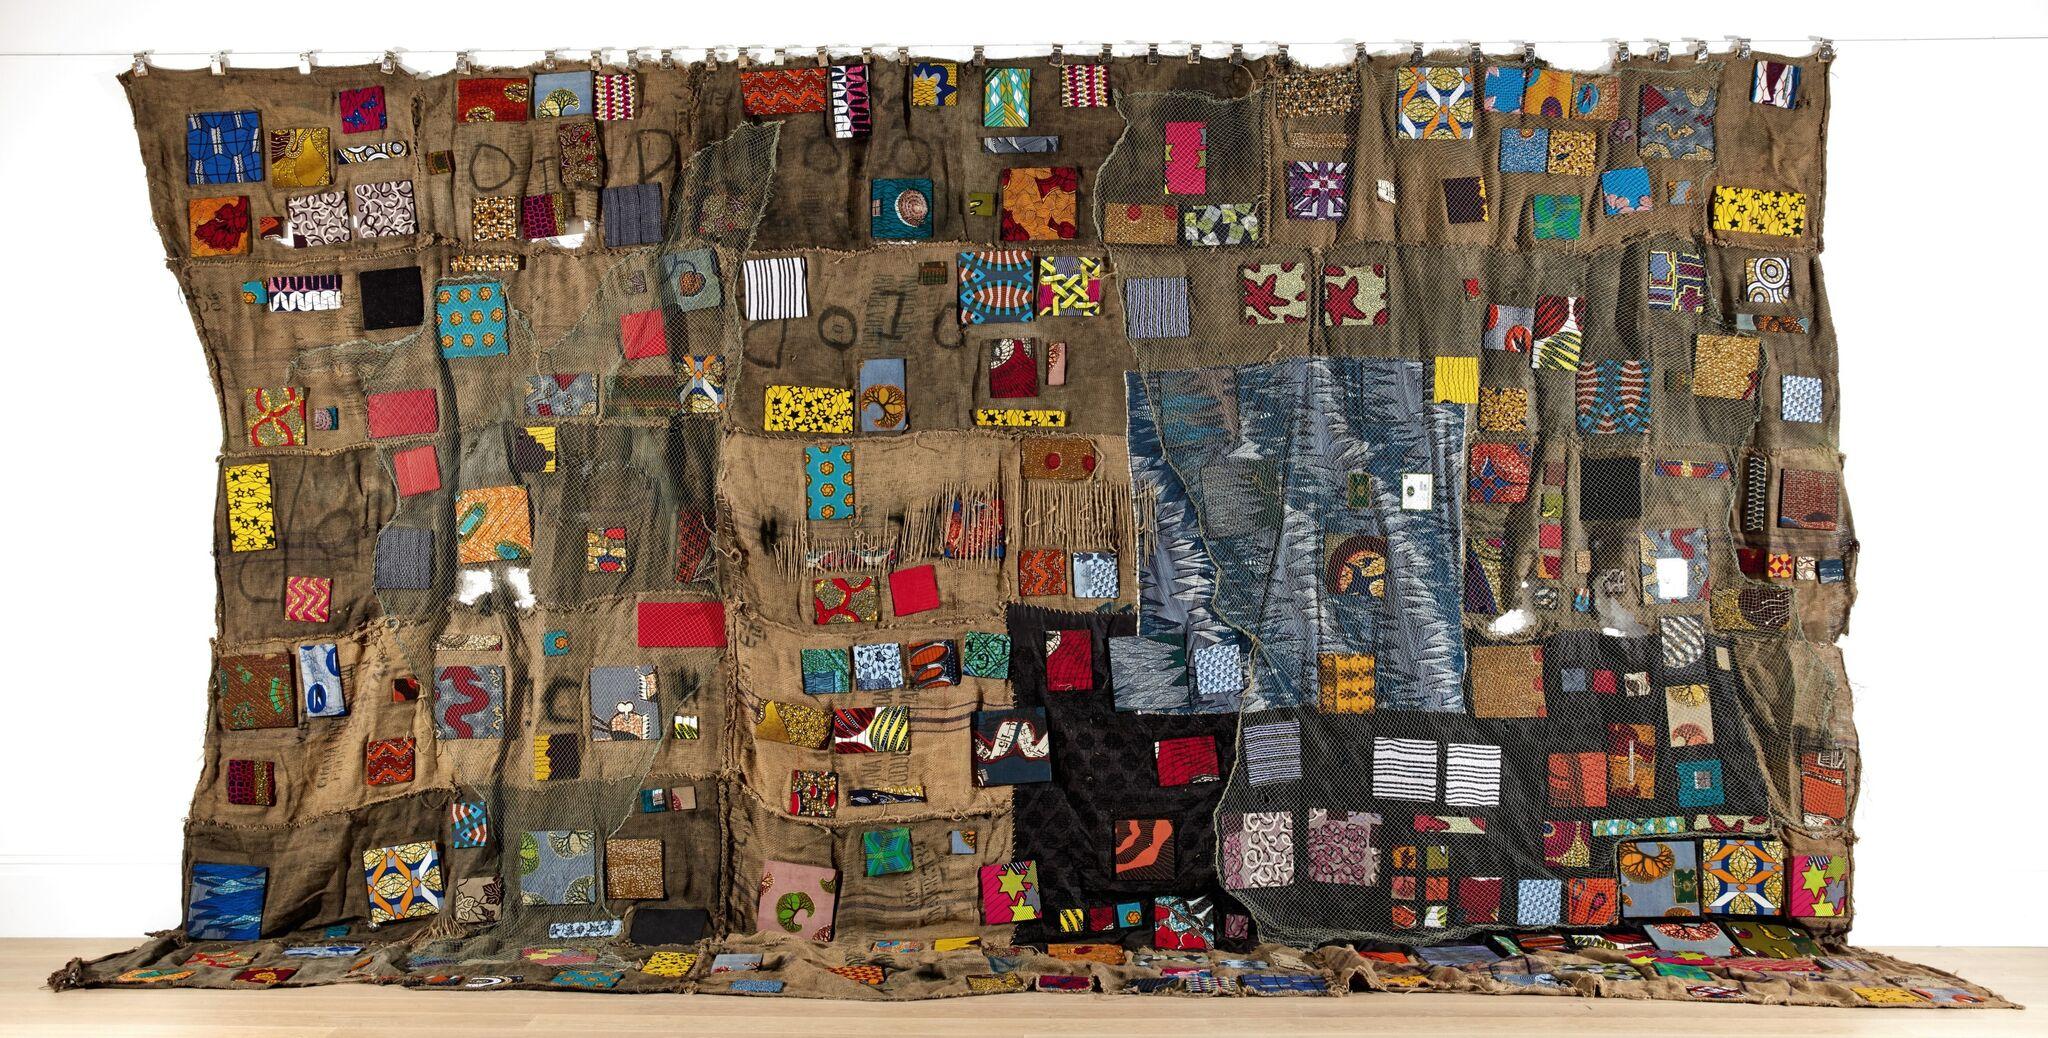 Ibrahim Mahama, Chale Wote (2014), jute sacks and mixed media, £60,000-90,000